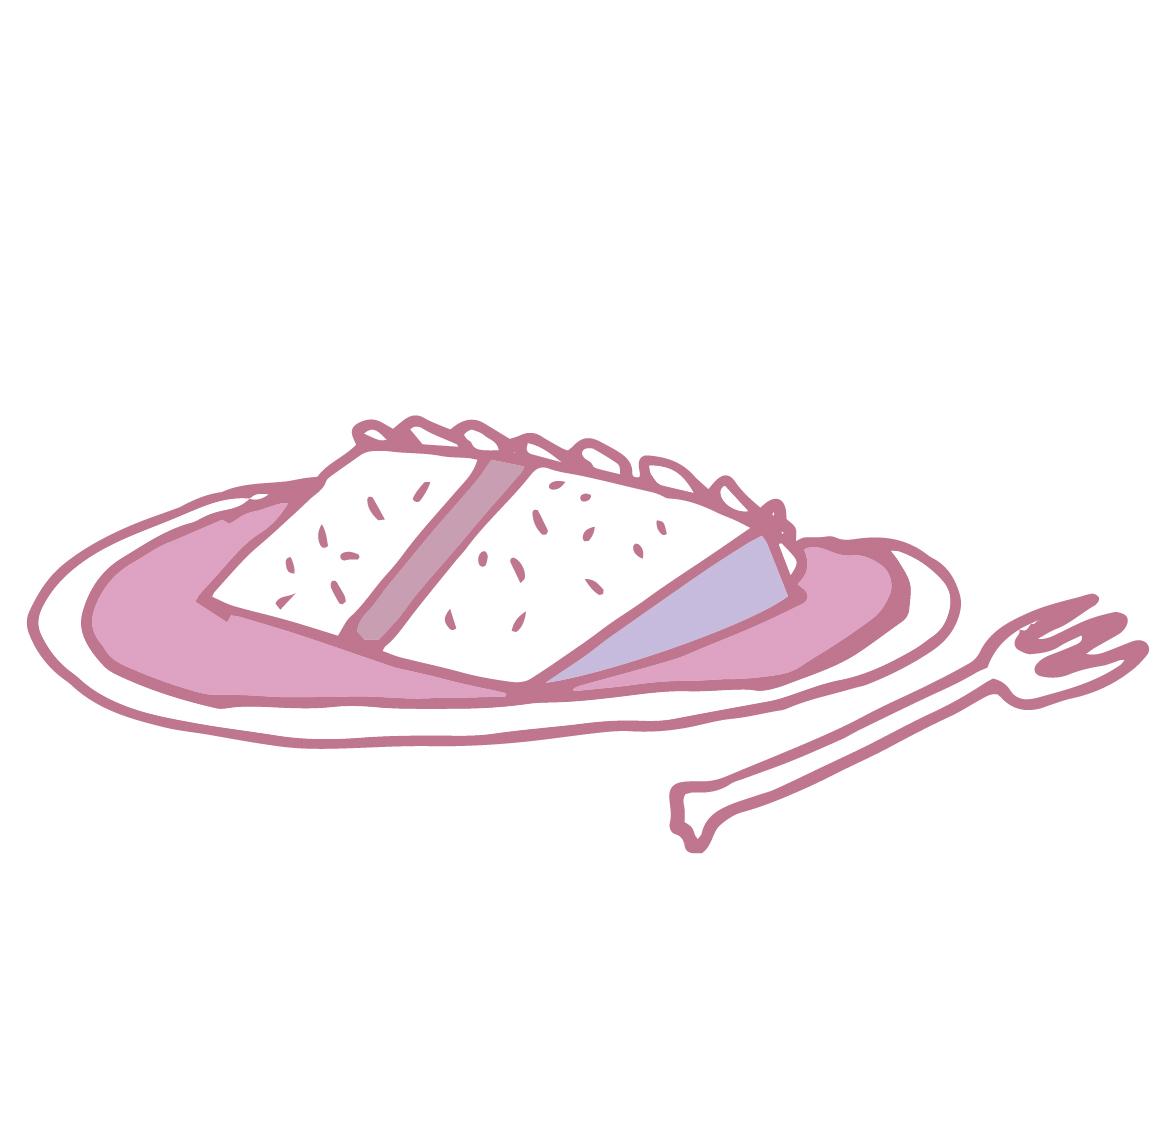 pieceofcake-043.jpg